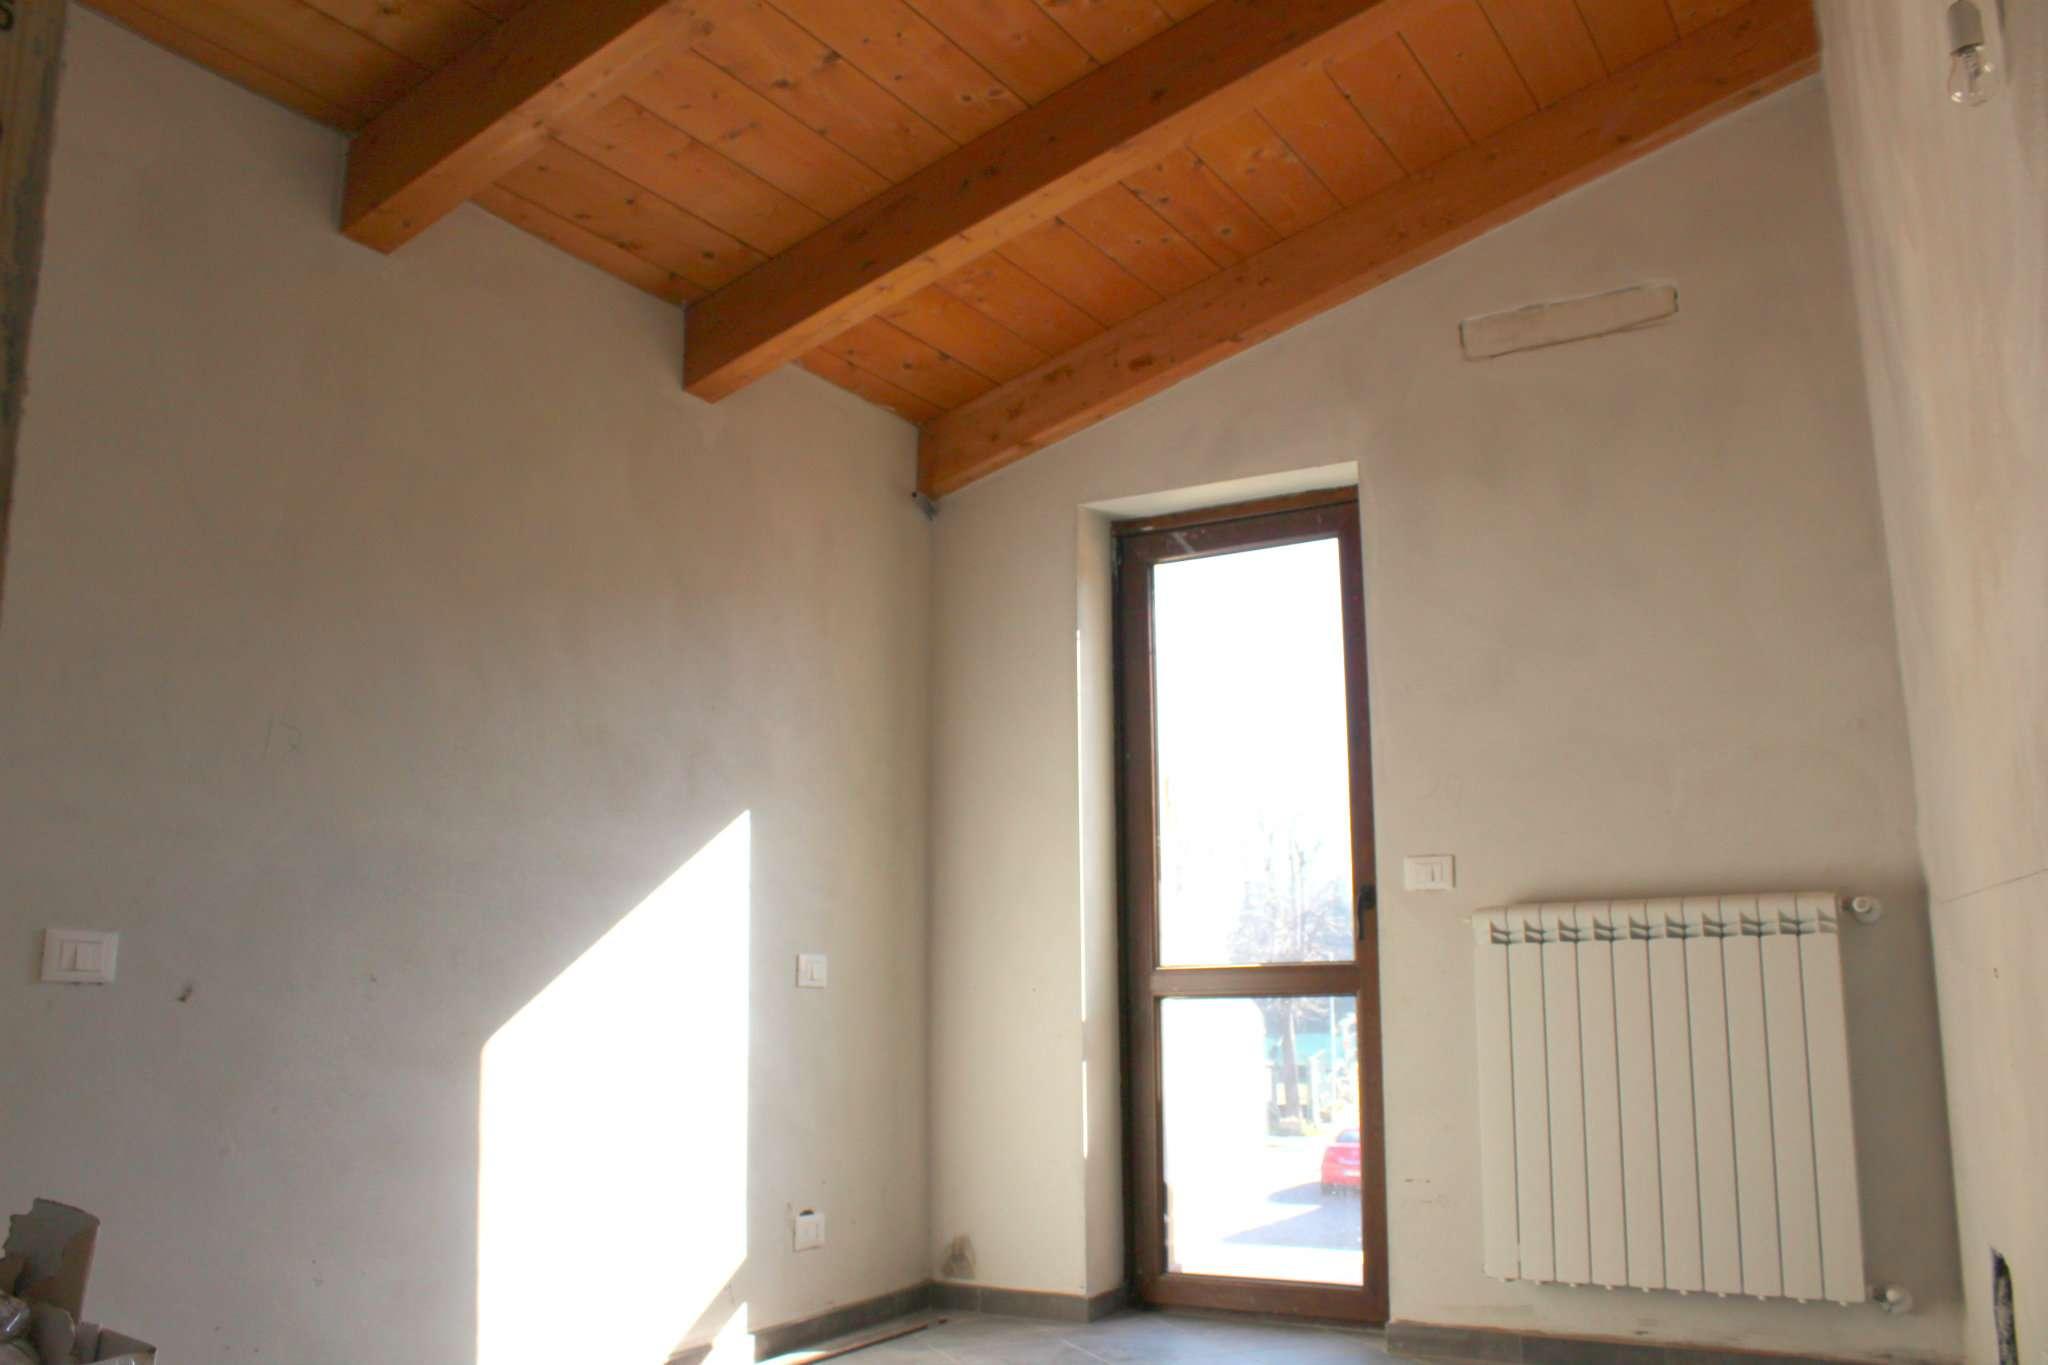 Soluzione Indipendente in vendita a Moncalieri, 2 locali, prezzo € 65.000 | CambioCasa.it